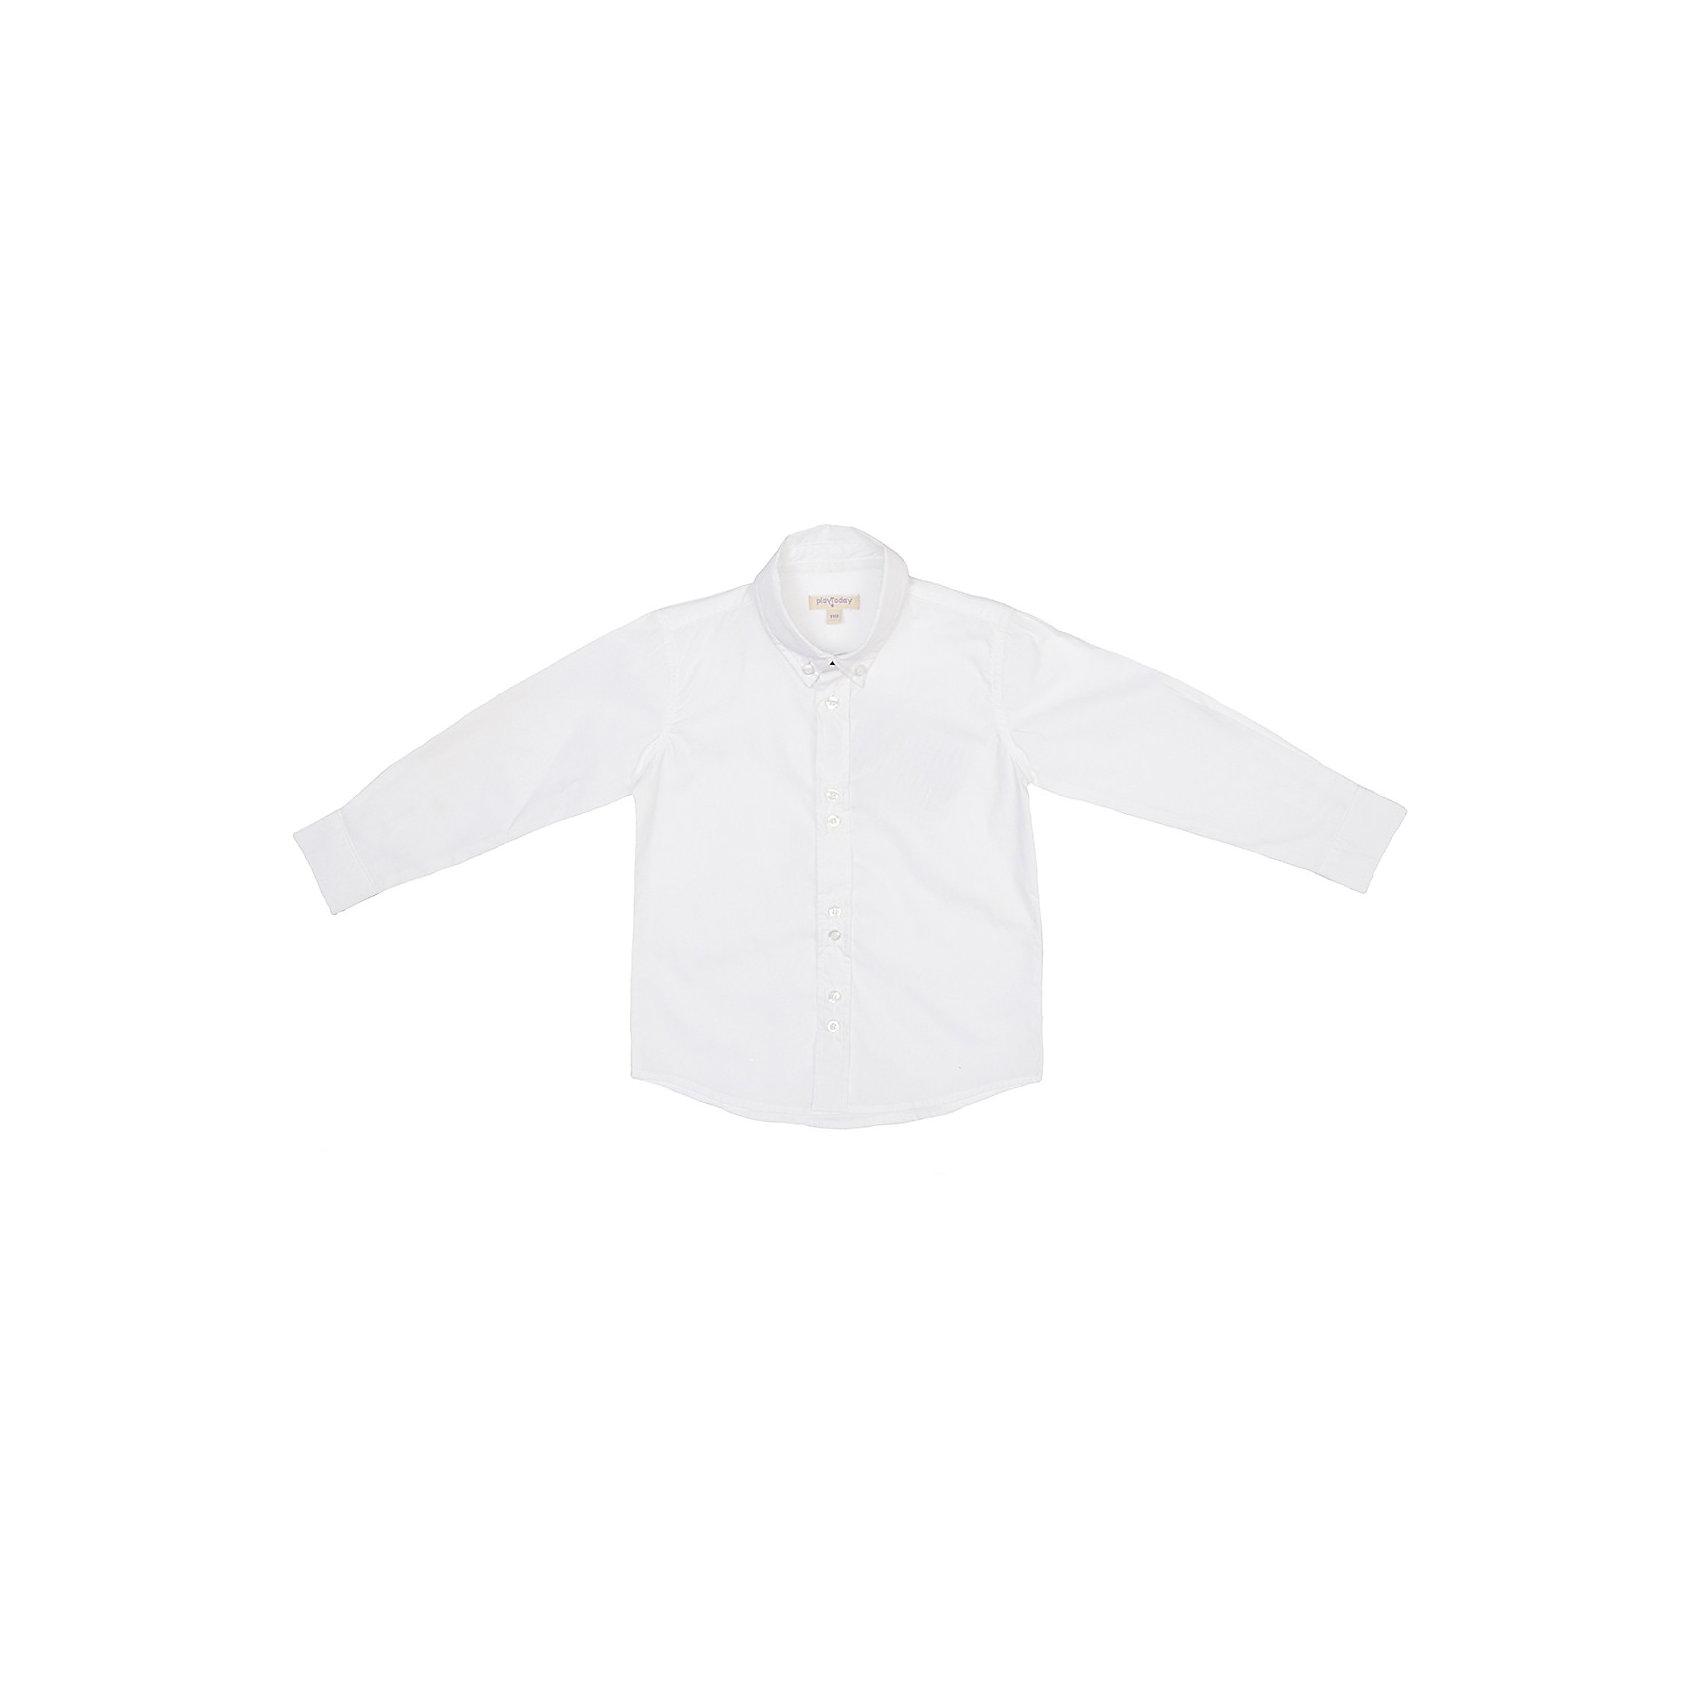 Рубашка для мальчика PlayTodayБлузки и рубашки<br>Рубашка для мальчика PlayToday. <br>Состав: 100% хлопок <br><br>* рубашка выполнена из натурального материала - необходимая вещь в ежедневном гардеробе<br>* рубашка с длинными рукавами, отложным воротничком классической формы и застежкой на пуговицы<br>* манжеты классической формы с застежкой на пуговицы<br><br>Ширина мм: 174<br>Глубина мм: 10<br>Высота мм: 169<br>Вес г: 157<br>Цвет: белый<br>Возраст от месяцев: 108<br>Возраст до месяцев: 120<br>Пол: Мужской<br>Возраст: Детский<br>Размер: 140,122,116,128,134,98,104,110<br>SKU: 3892821